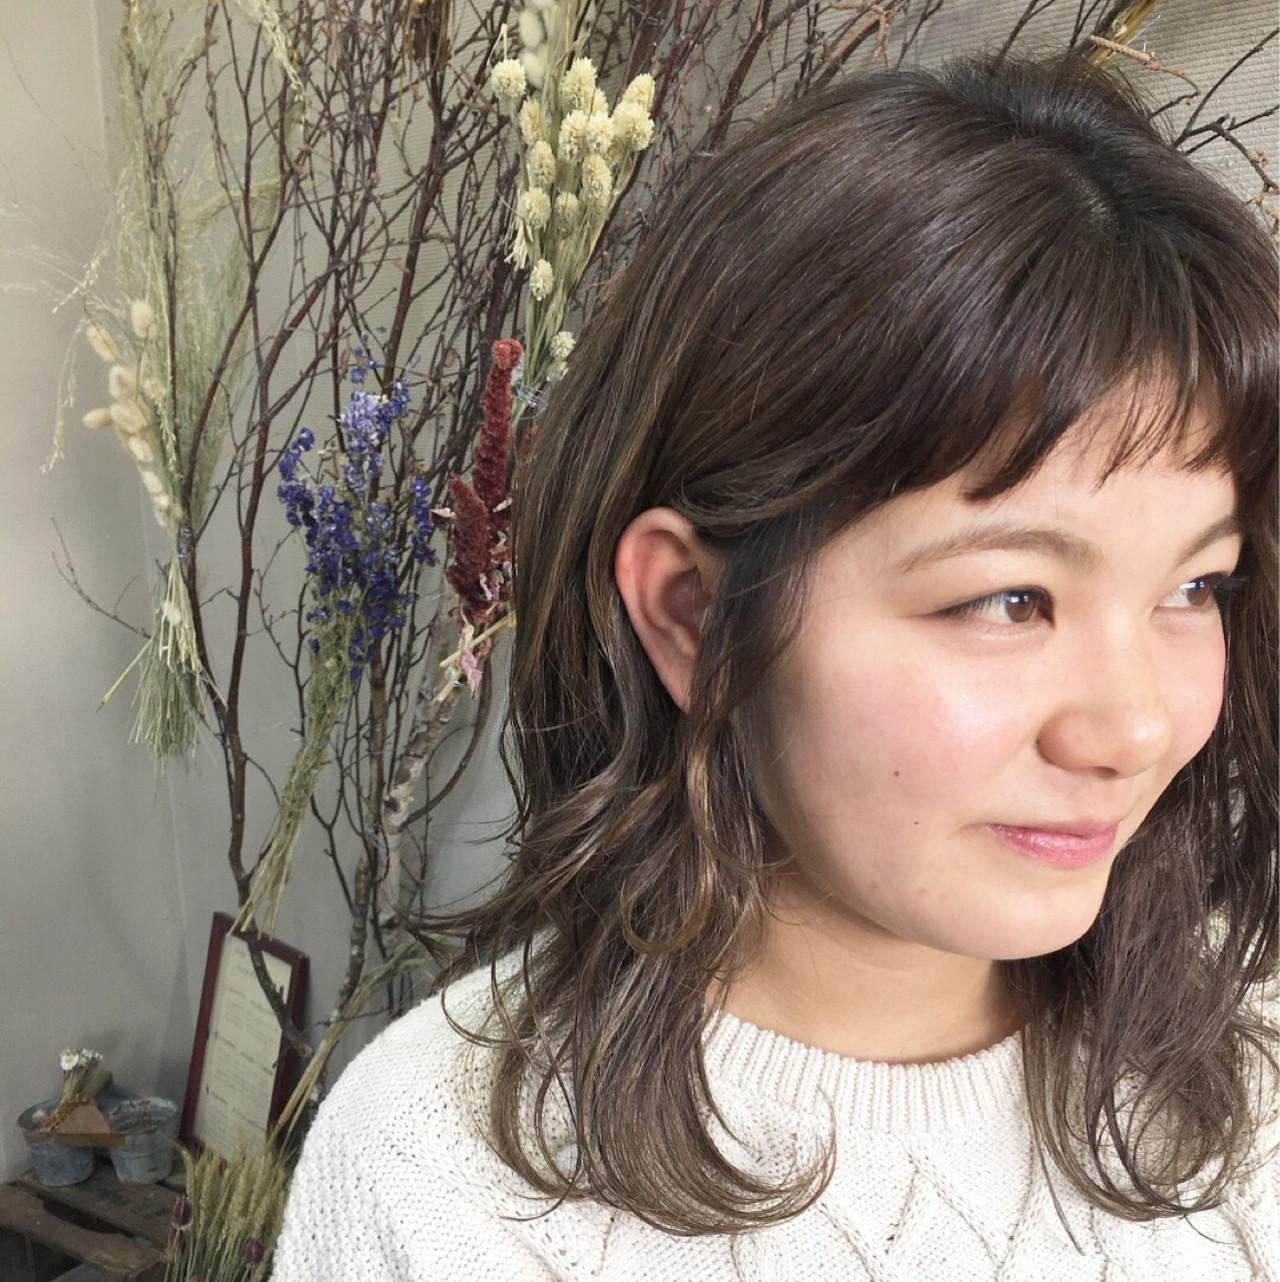 ナチュラル 簡単 前髪あり セミロング ヘアスタイルや髪型の写真・画像